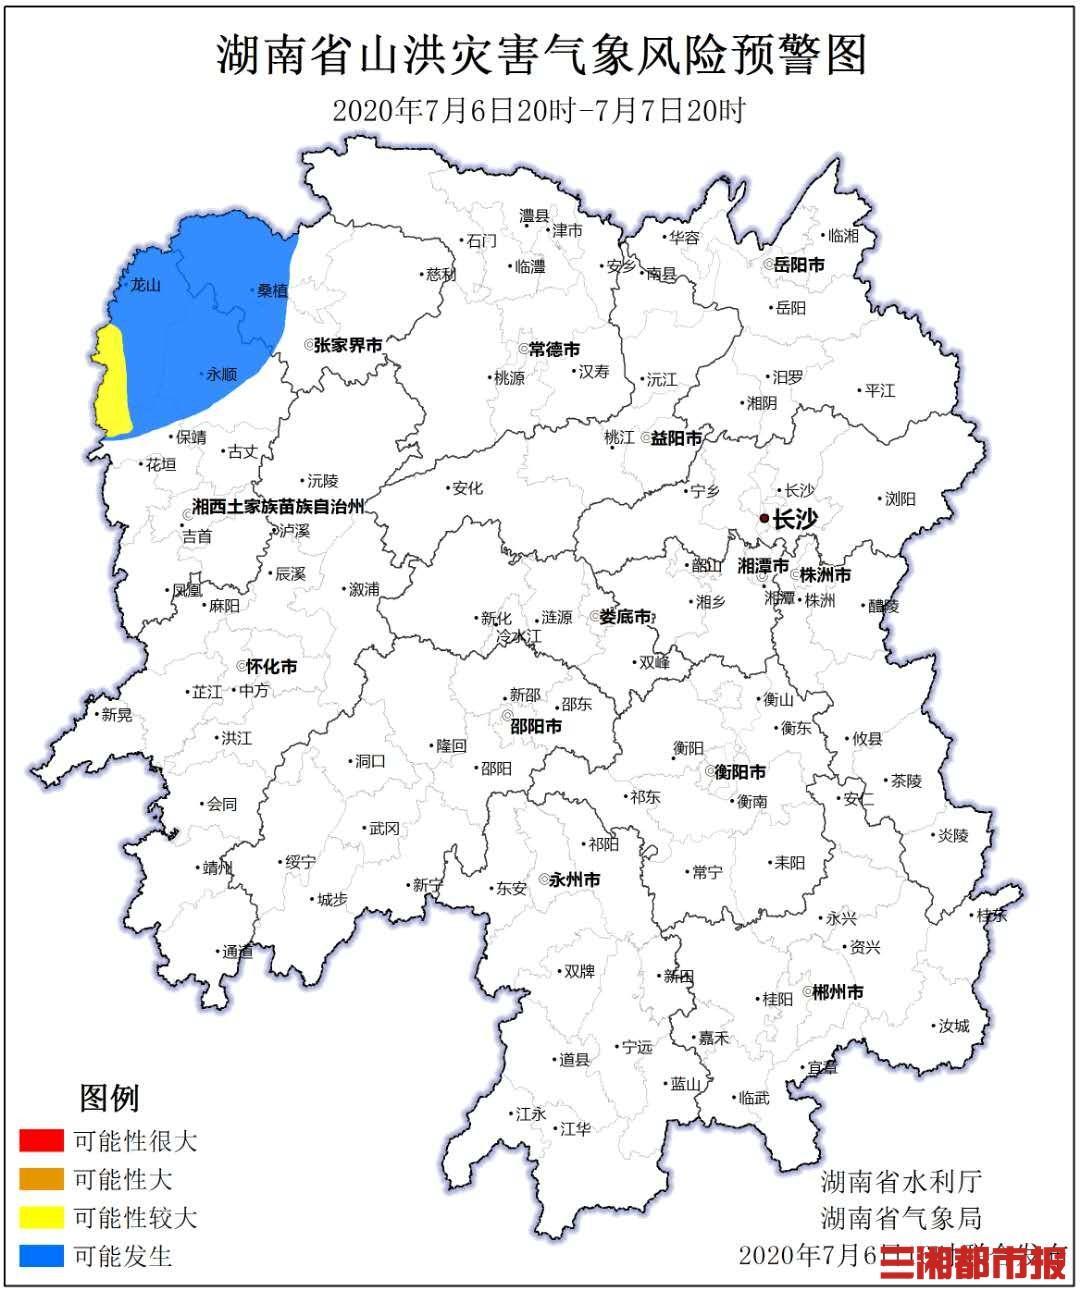 湖南省水利厅与省气象局联合发布山洪灾害预警